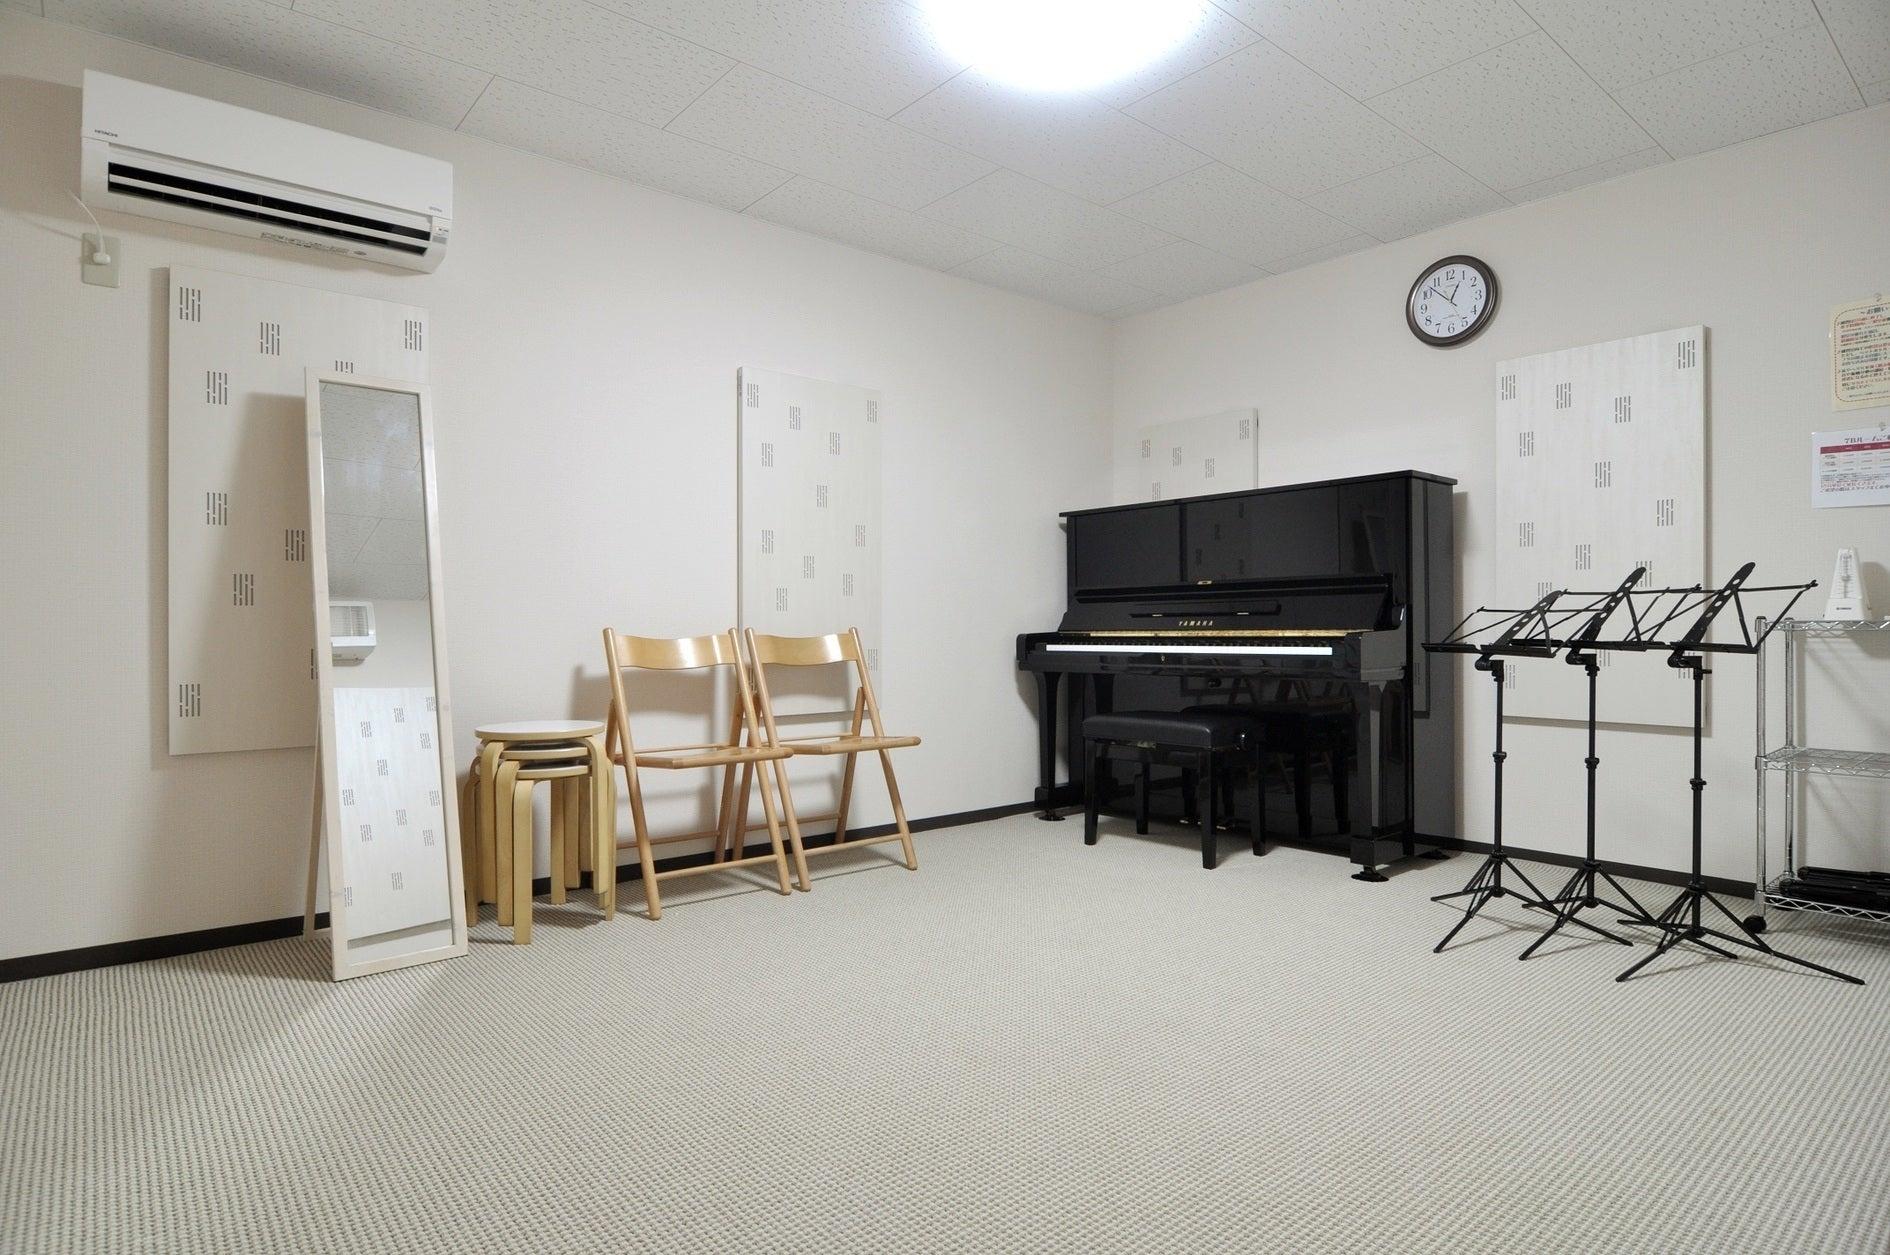 アコースティック楽器専用スタジオ。アップライトピアノ常設。(アコースティック楽器専用スタジオ。アップライトピアノ常設。) の写真0